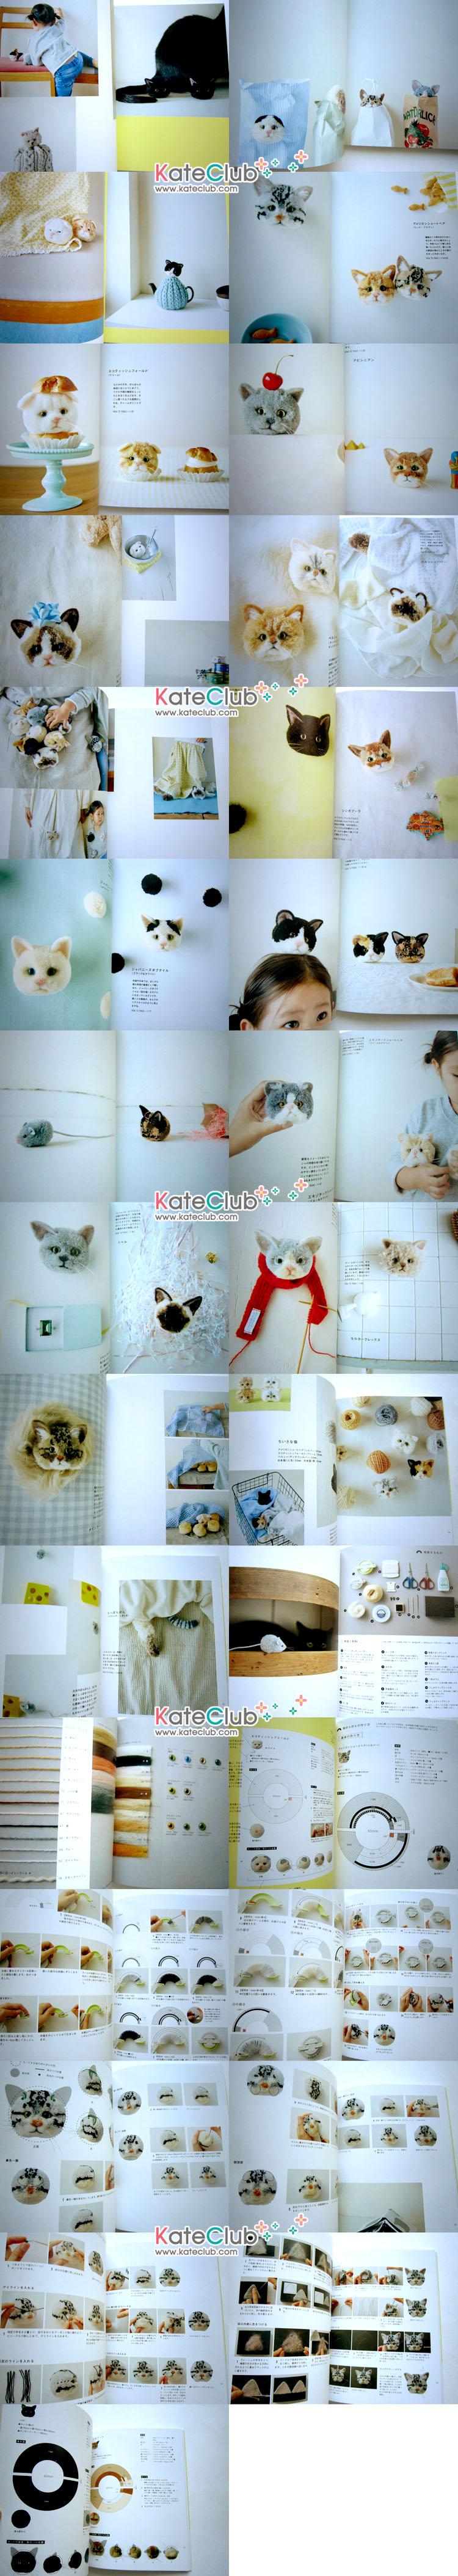 หนังสือสอนทำปอมปอมไหมพรมหน้าน้องแมว by trikotri